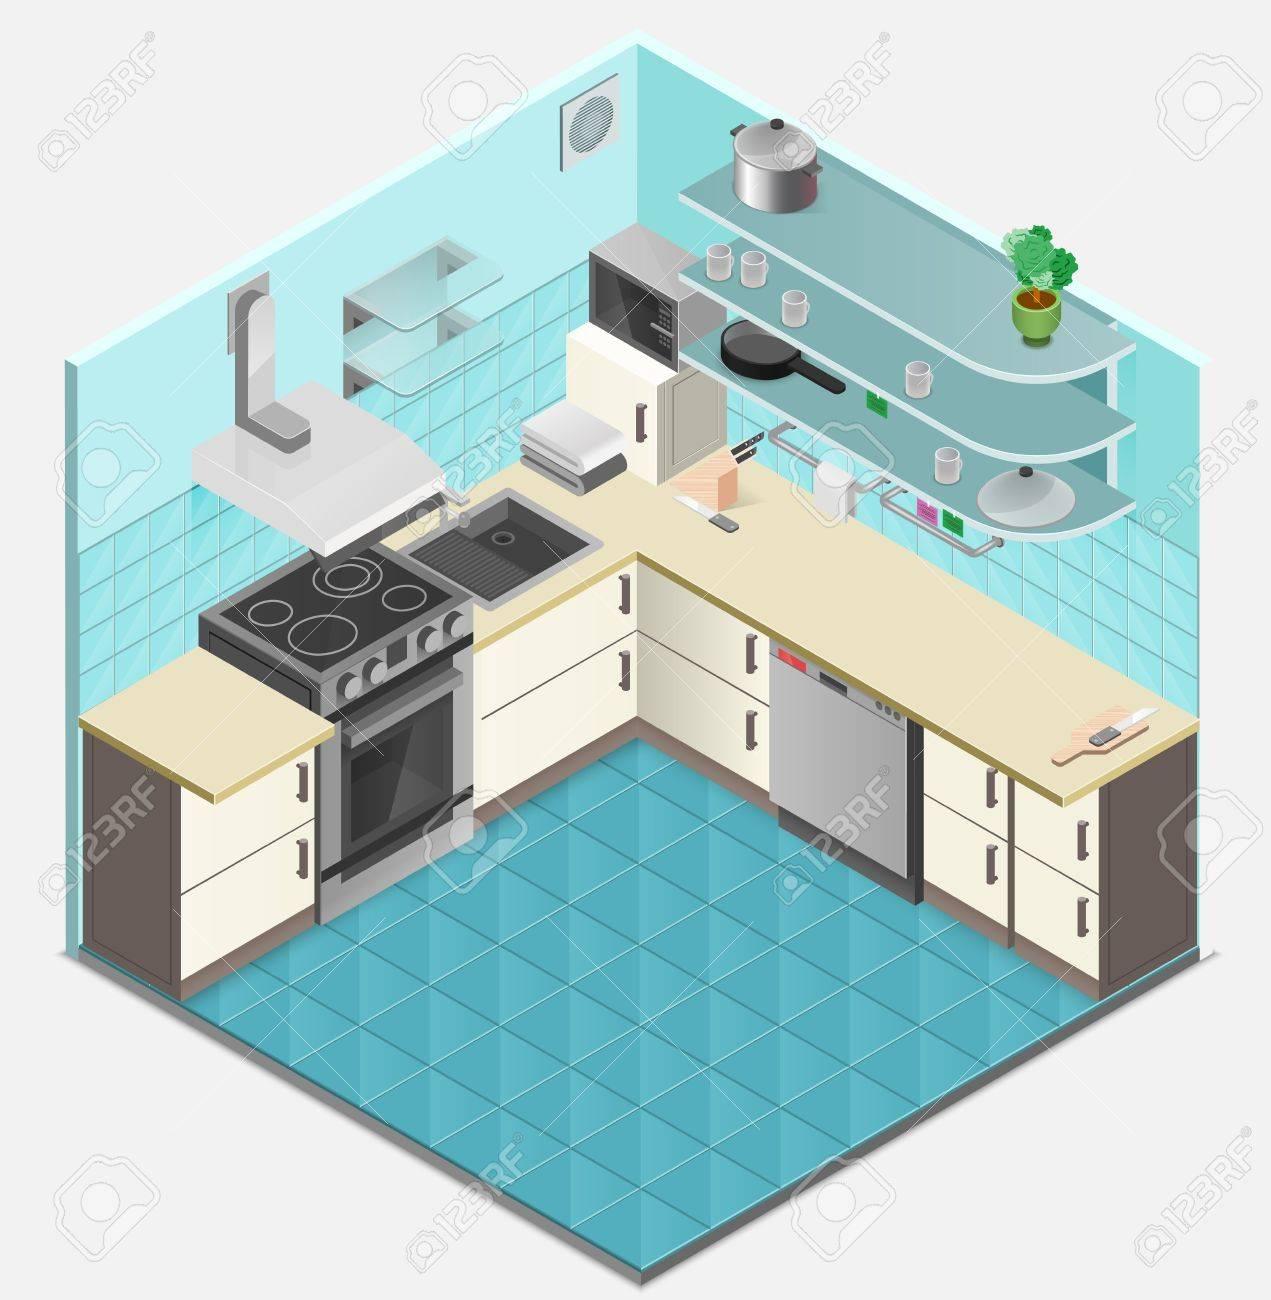 Küche Interieur Isometrische Vorlage Mit Backofen Lüftungs Regale ...